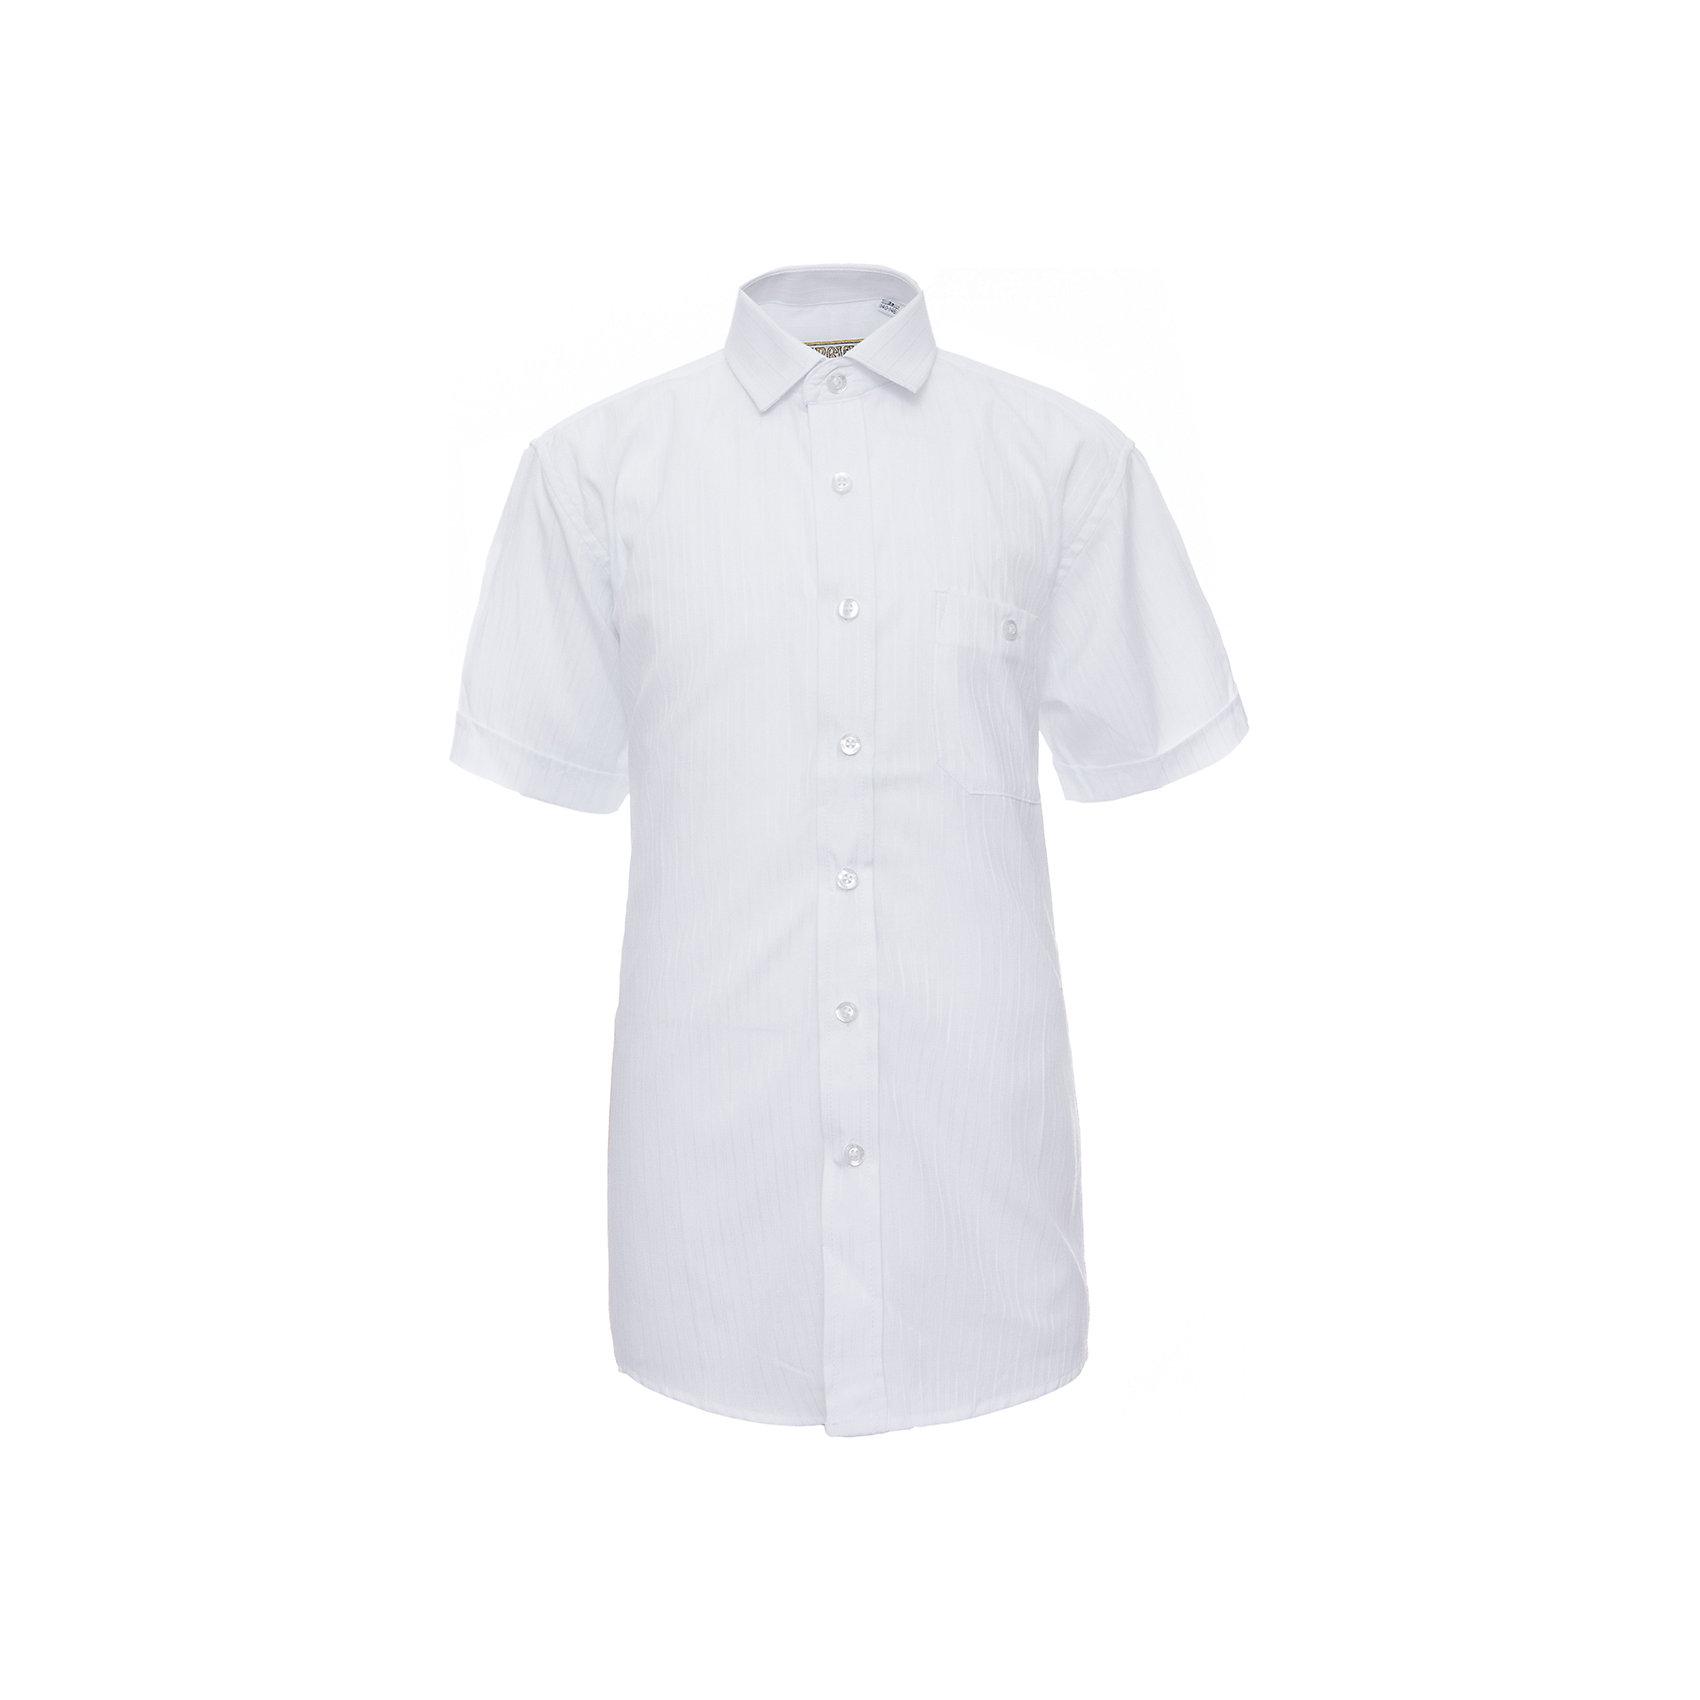 Рубашка для мальчика  TsarevichОдежда<br>Рубашка для мальчика от российской марки Tsarevich.<br>Состав:<br>65% хлопок 35% полиэстер<br><br>Ширина мм: 174<br>Глубина мм: 10<br>Высота мм: 169<br>Вес г: 157<br>Цвет: белый<br>Возраст от месяцев: 132<br>Возраст до месяцев: 144<br>Пол: Мужской<br>Возраст: Детский<br>Размер: 146/152,122/128,134/140,164/170,158/164,152/158,140/146,128/134<br>SKU: 4163584